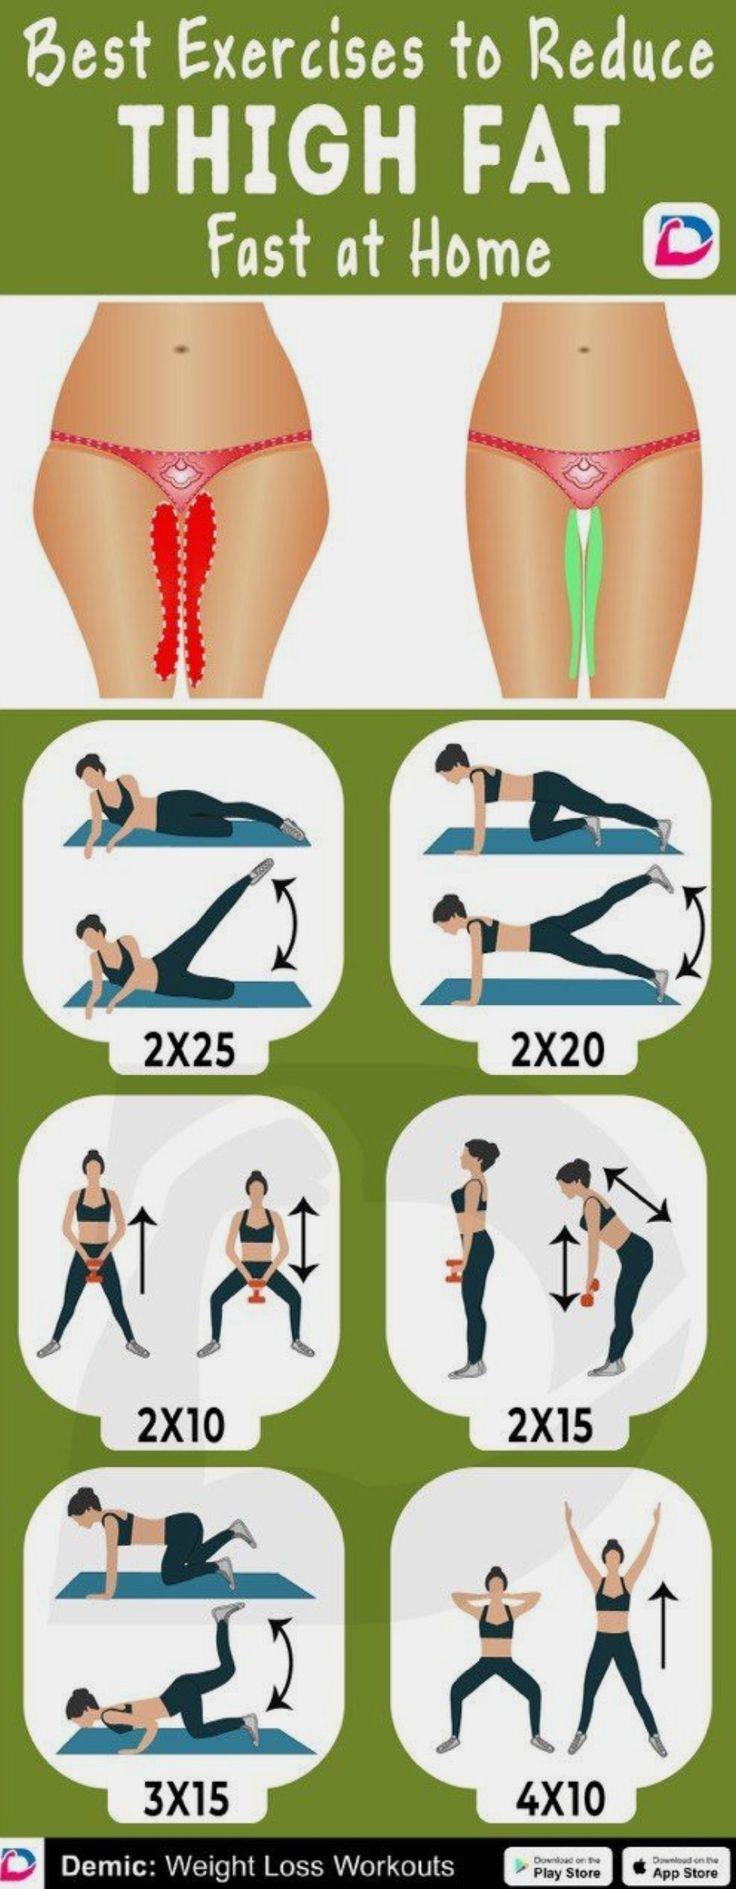 Beste Übungen zur Reduzierung von FETTGEFÄHRDUNG. Klicken Sie auf INSTALLIEREN - Yoga & Fitness #fitnessvideos